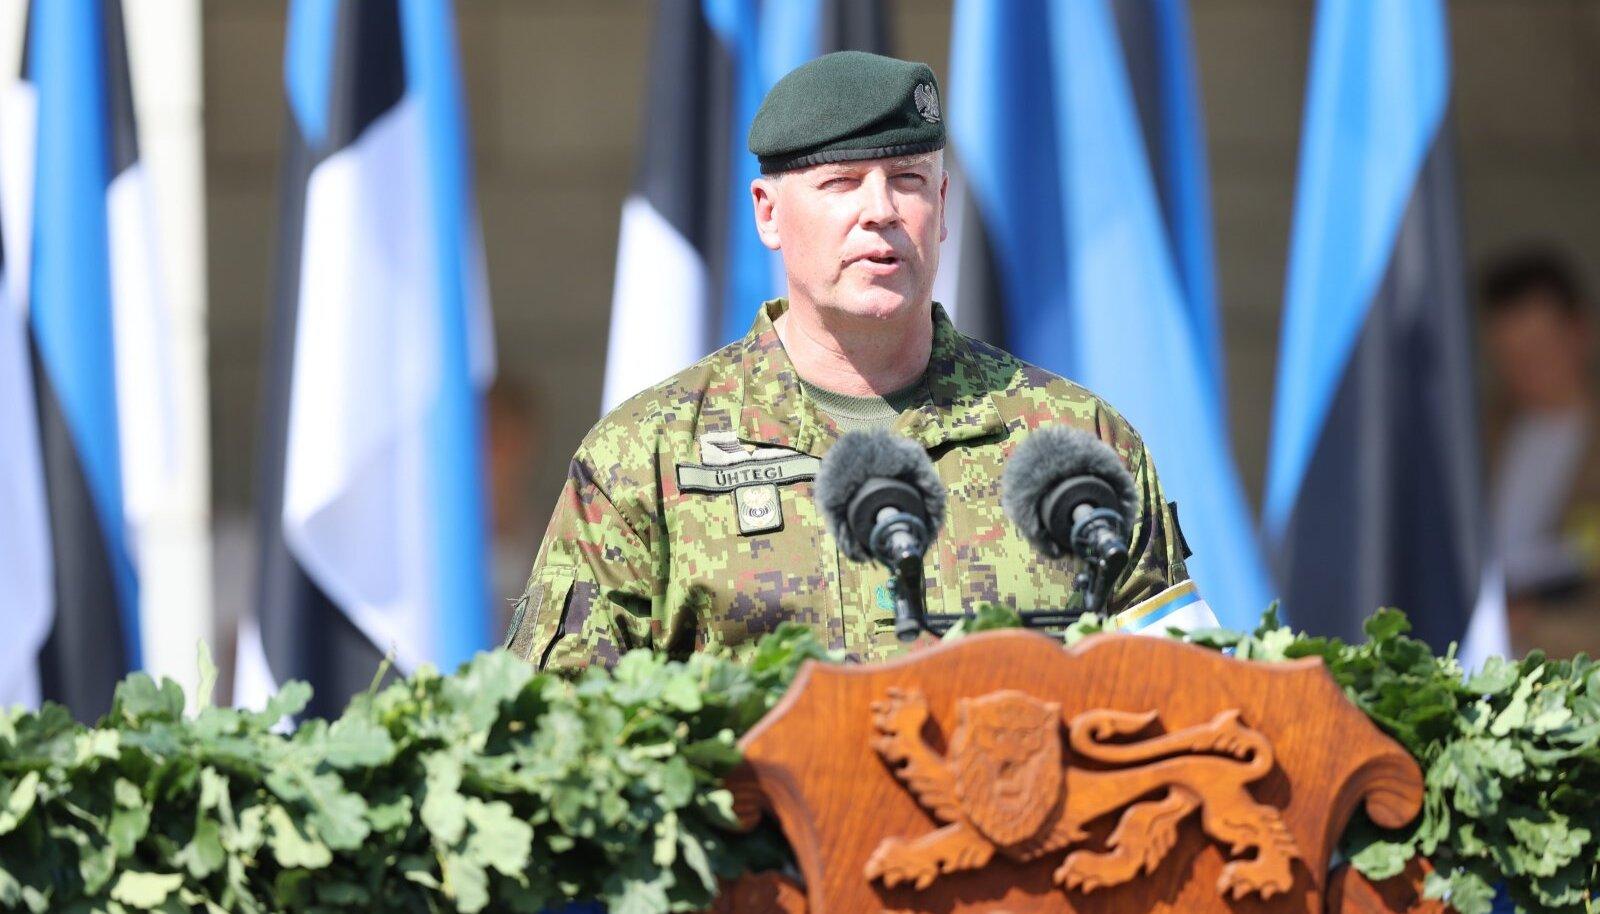 Kaitseväe ülem brigaadikindral Riho Ühtegi võidupüha paraadil kõnepuldis.